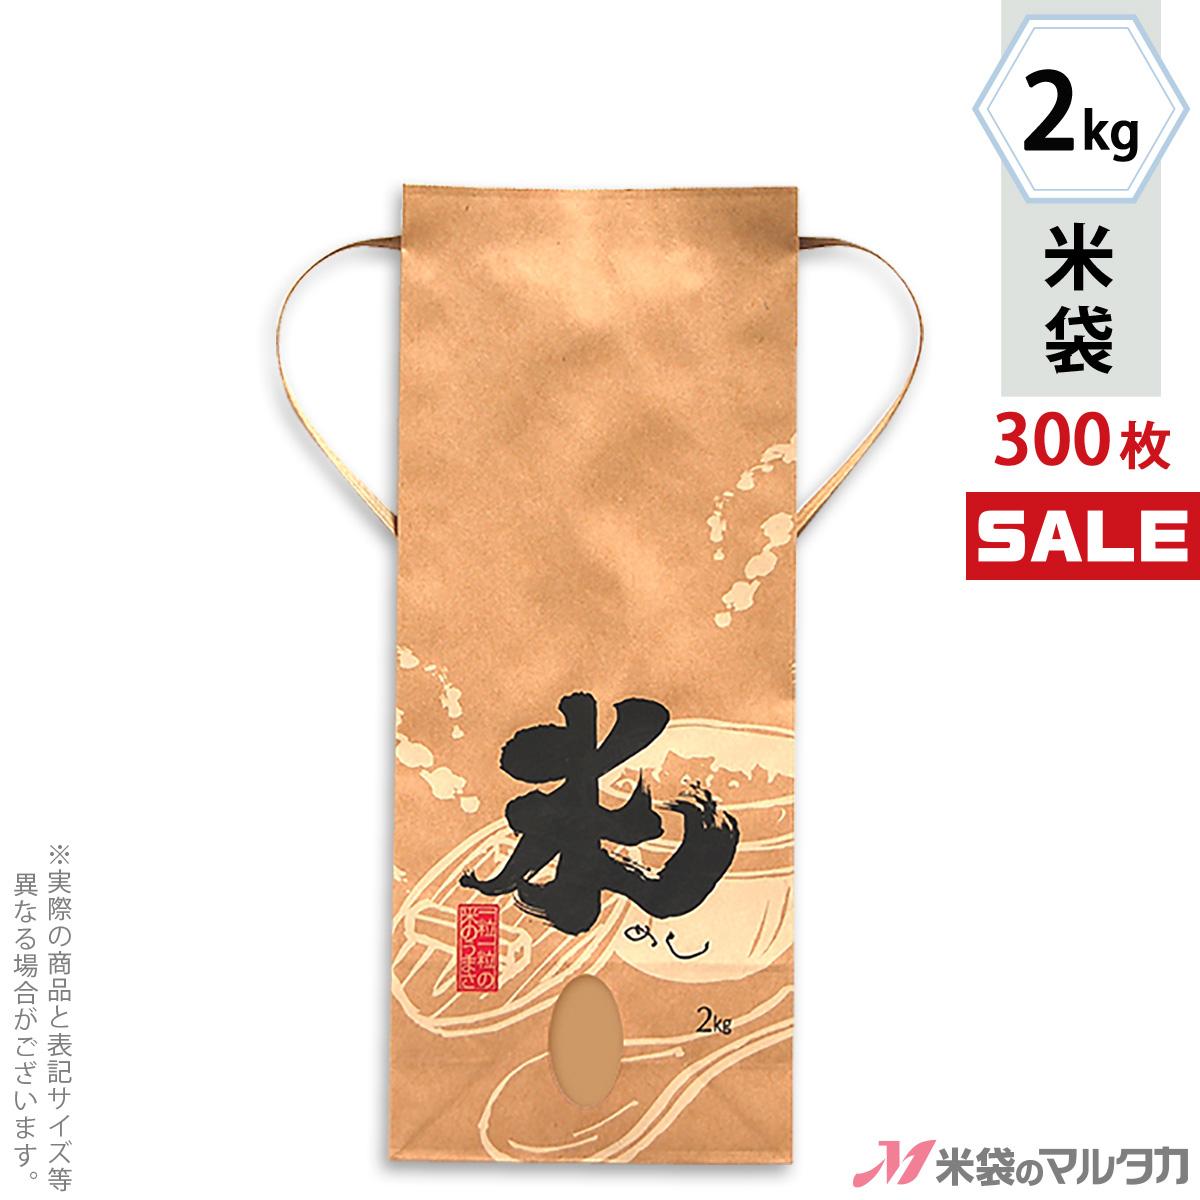 <キャンペーン対応>米袋 KH-0260 マルタカ クラフト 米(めし)(銘柄なし) 窓付 角底 2kg用紐付 【米袋 2kg】【1ケース(300枚入)】